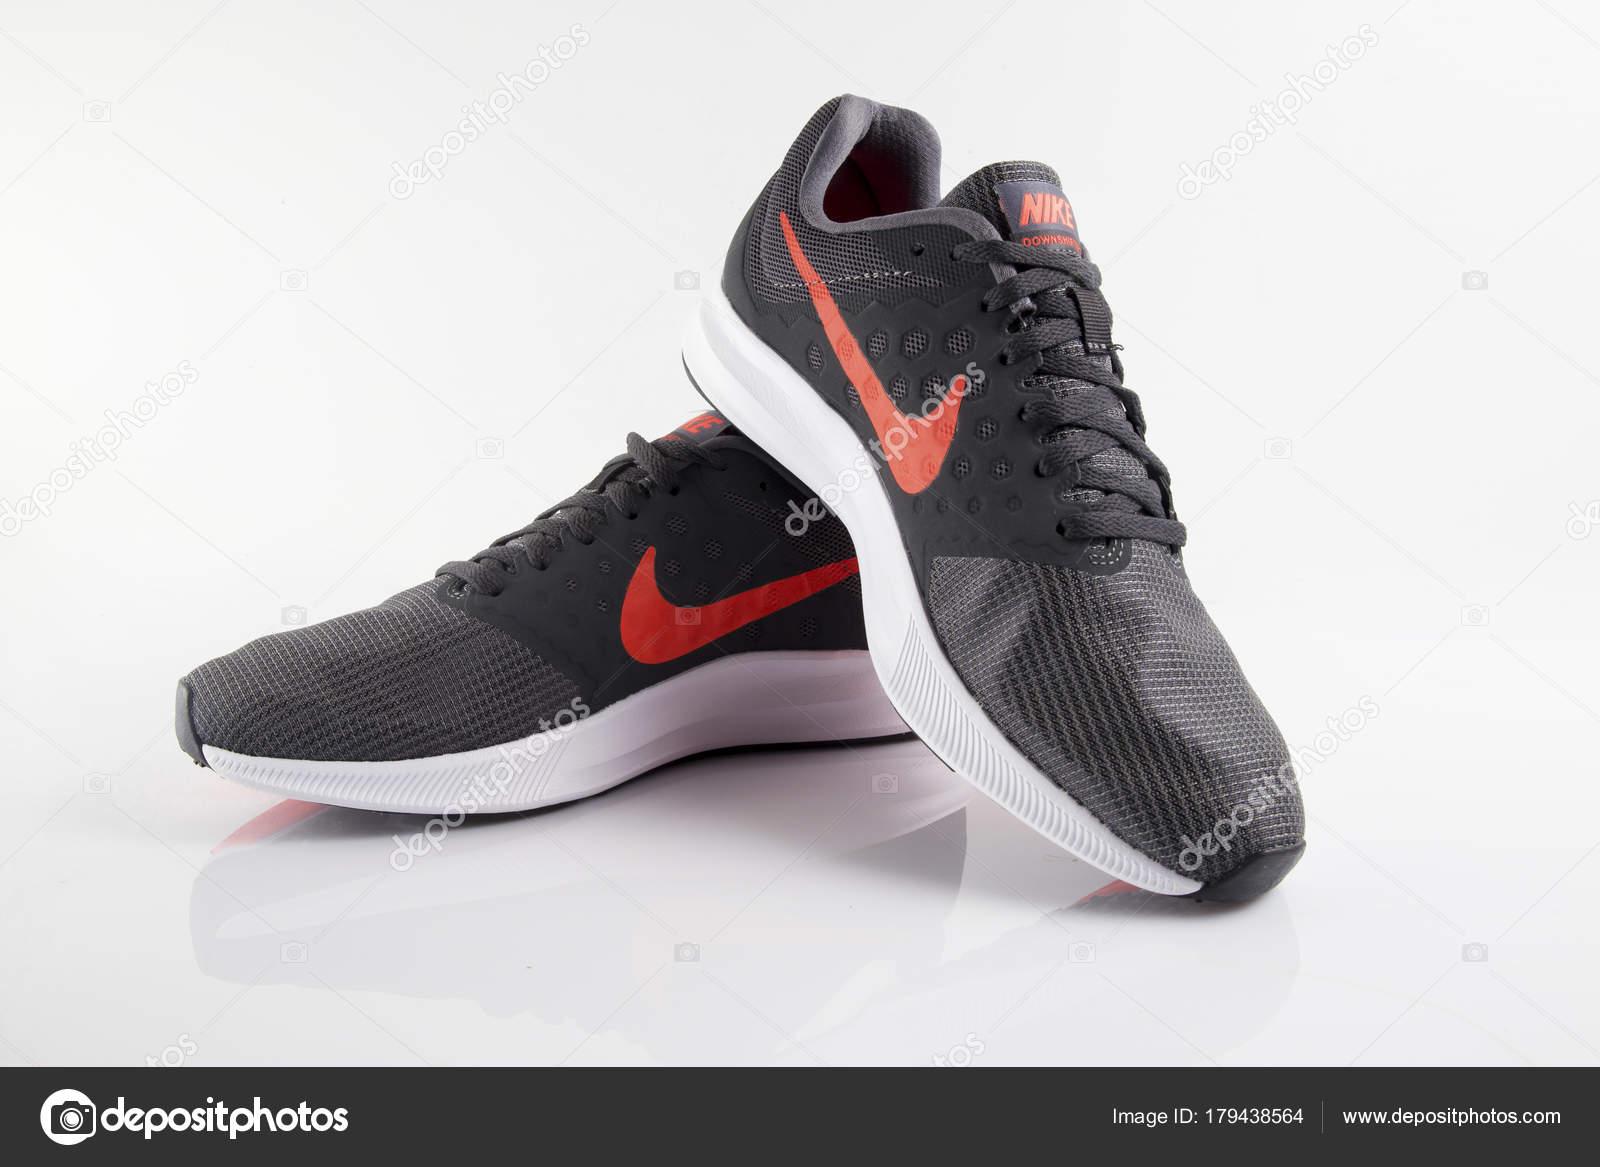 los angeles 73a0d c9e53 Portugalia Stycznia 2018 Nike Buty Sportowe Piłka Nożna Nike Międzynarodową  — Zdjęcie stockowe